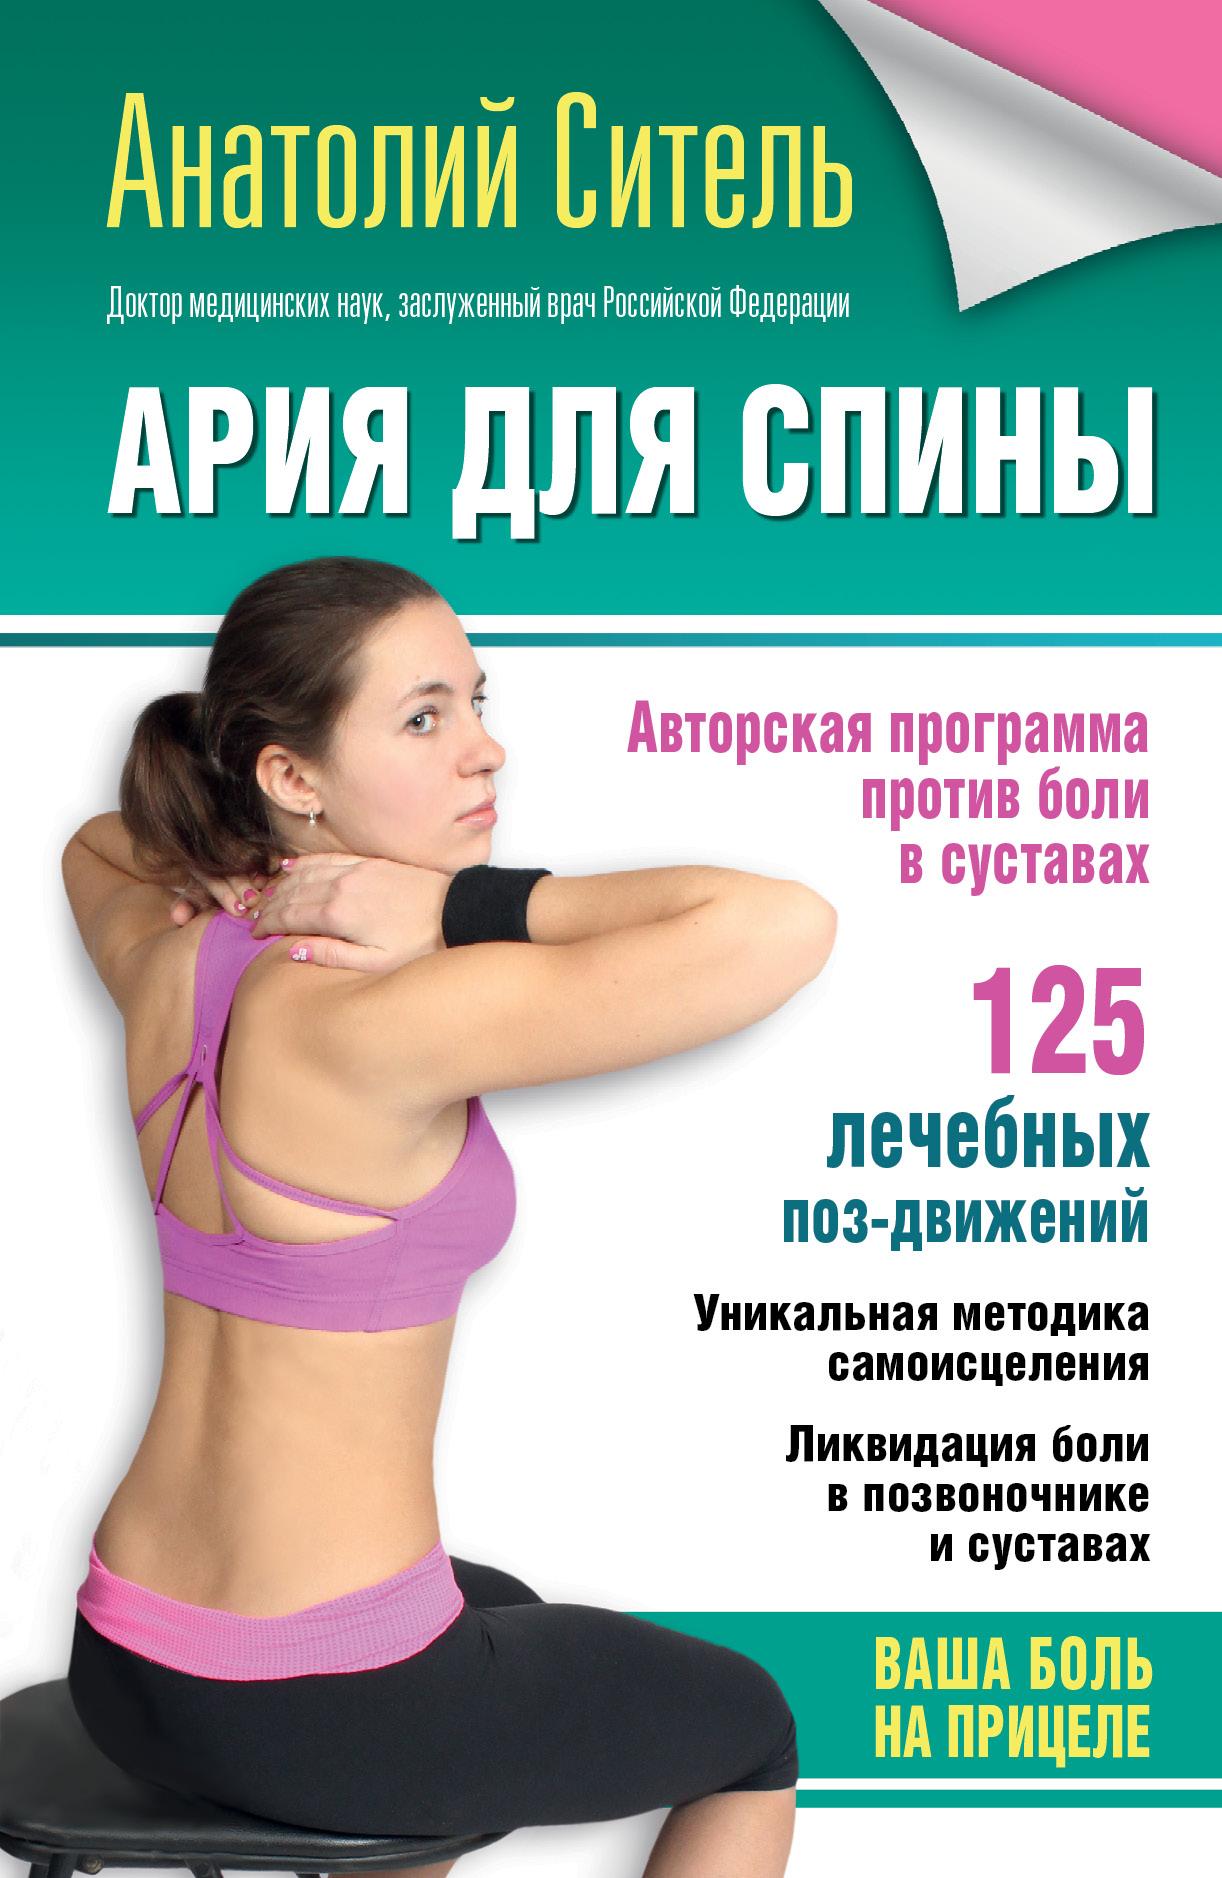 Ситель А.Б. Ария для спины. Авторская программа, чтобы никогда не болели суставы анатолий ситель ария для спины авторская программа против боли в суставах